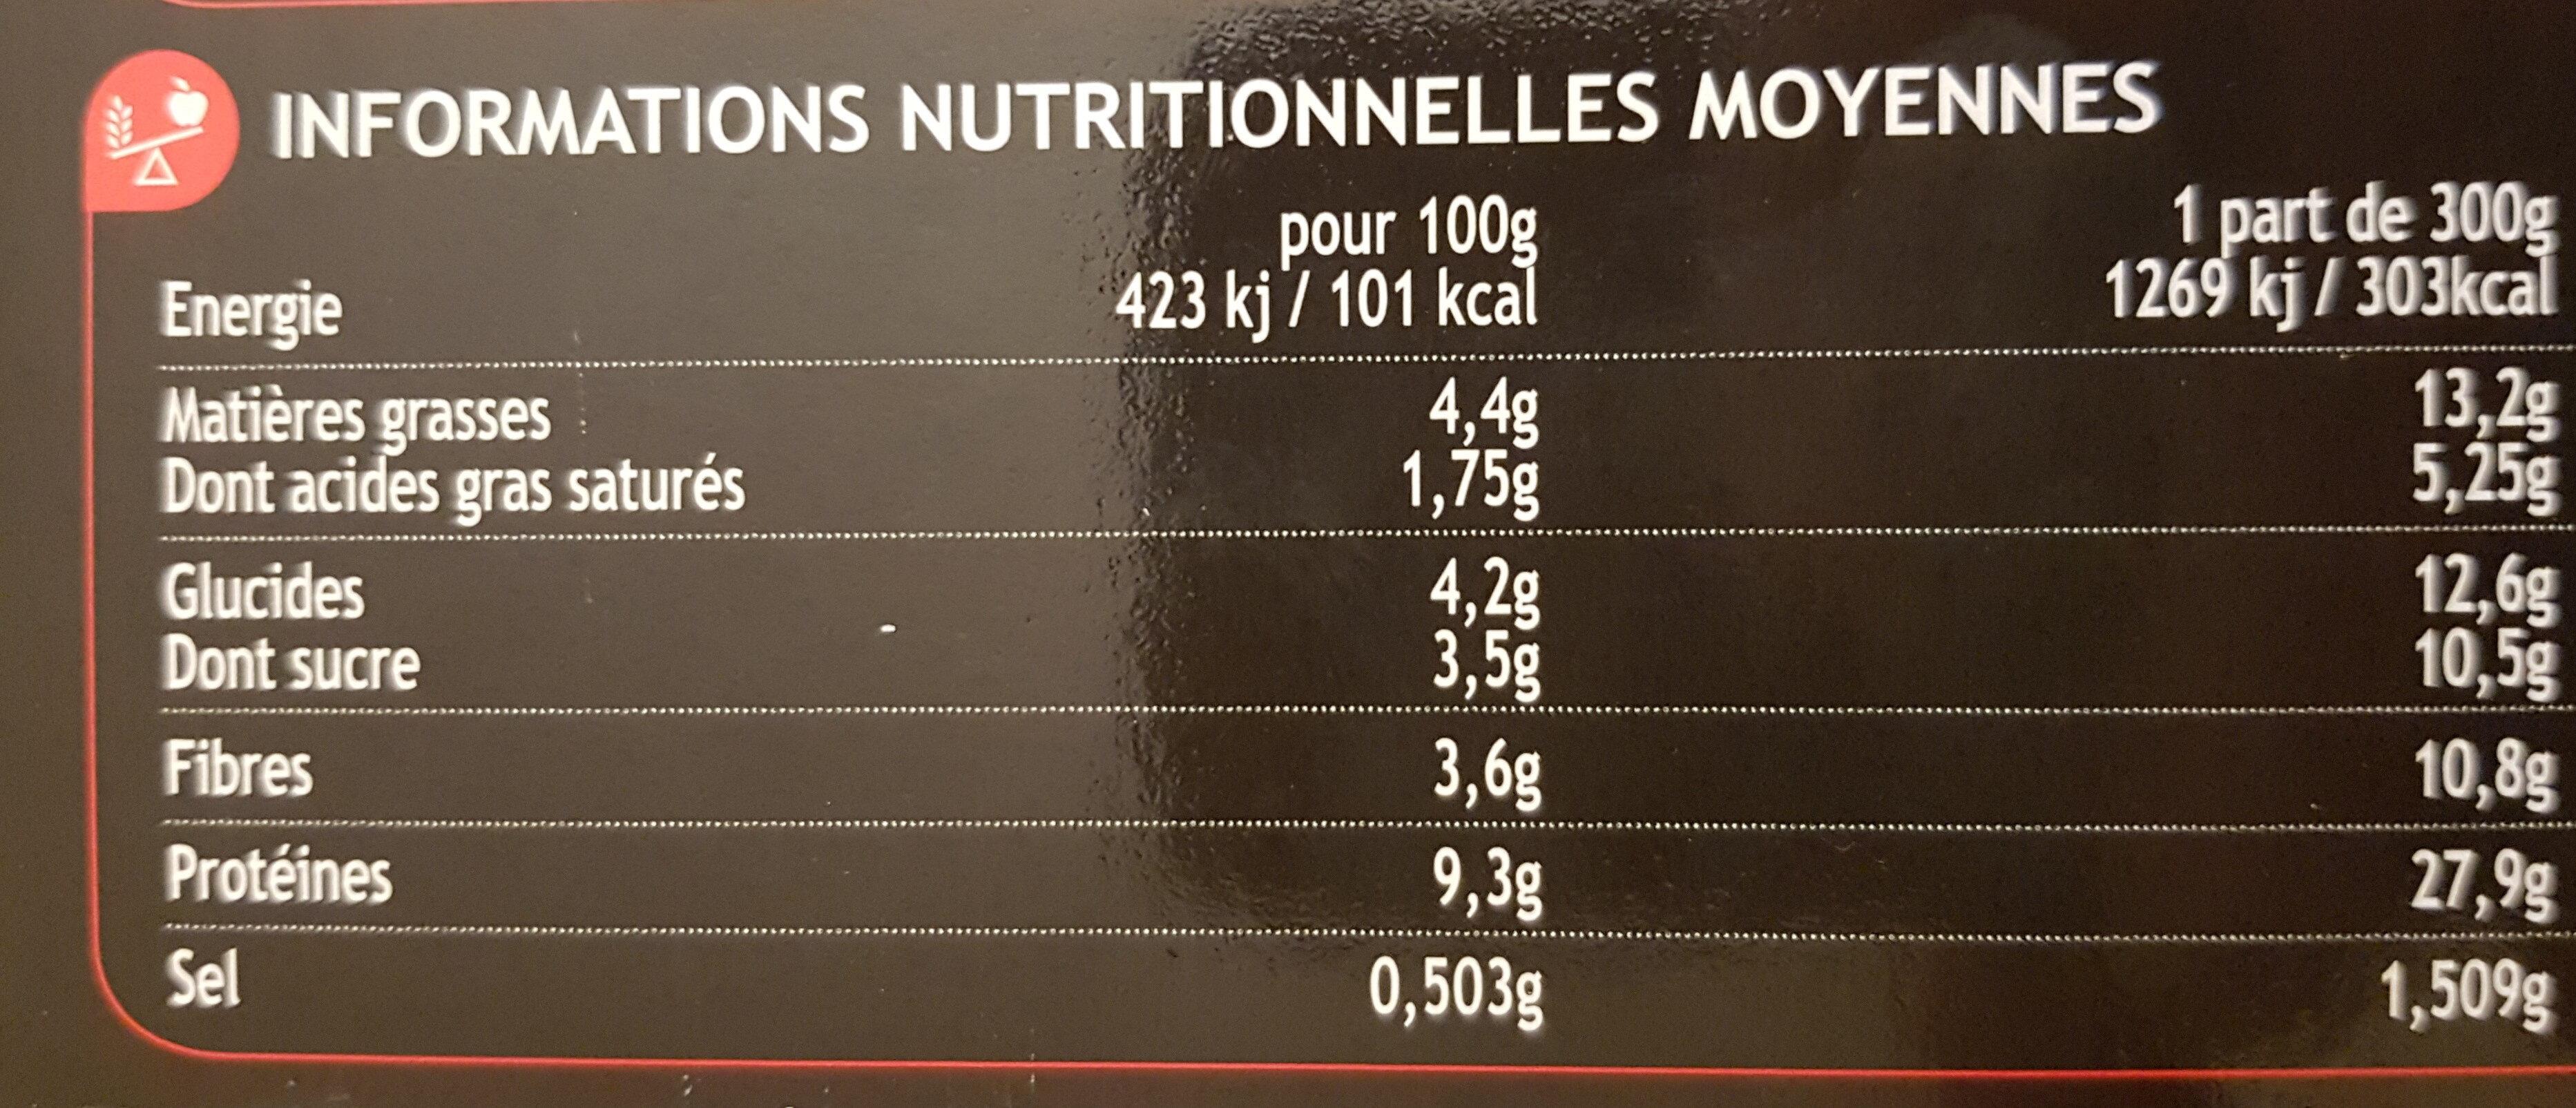 Filet de poulet a la libanaise sauce au yaourt & ses aubergines cuisinées - Informations nutritionnelles - fr